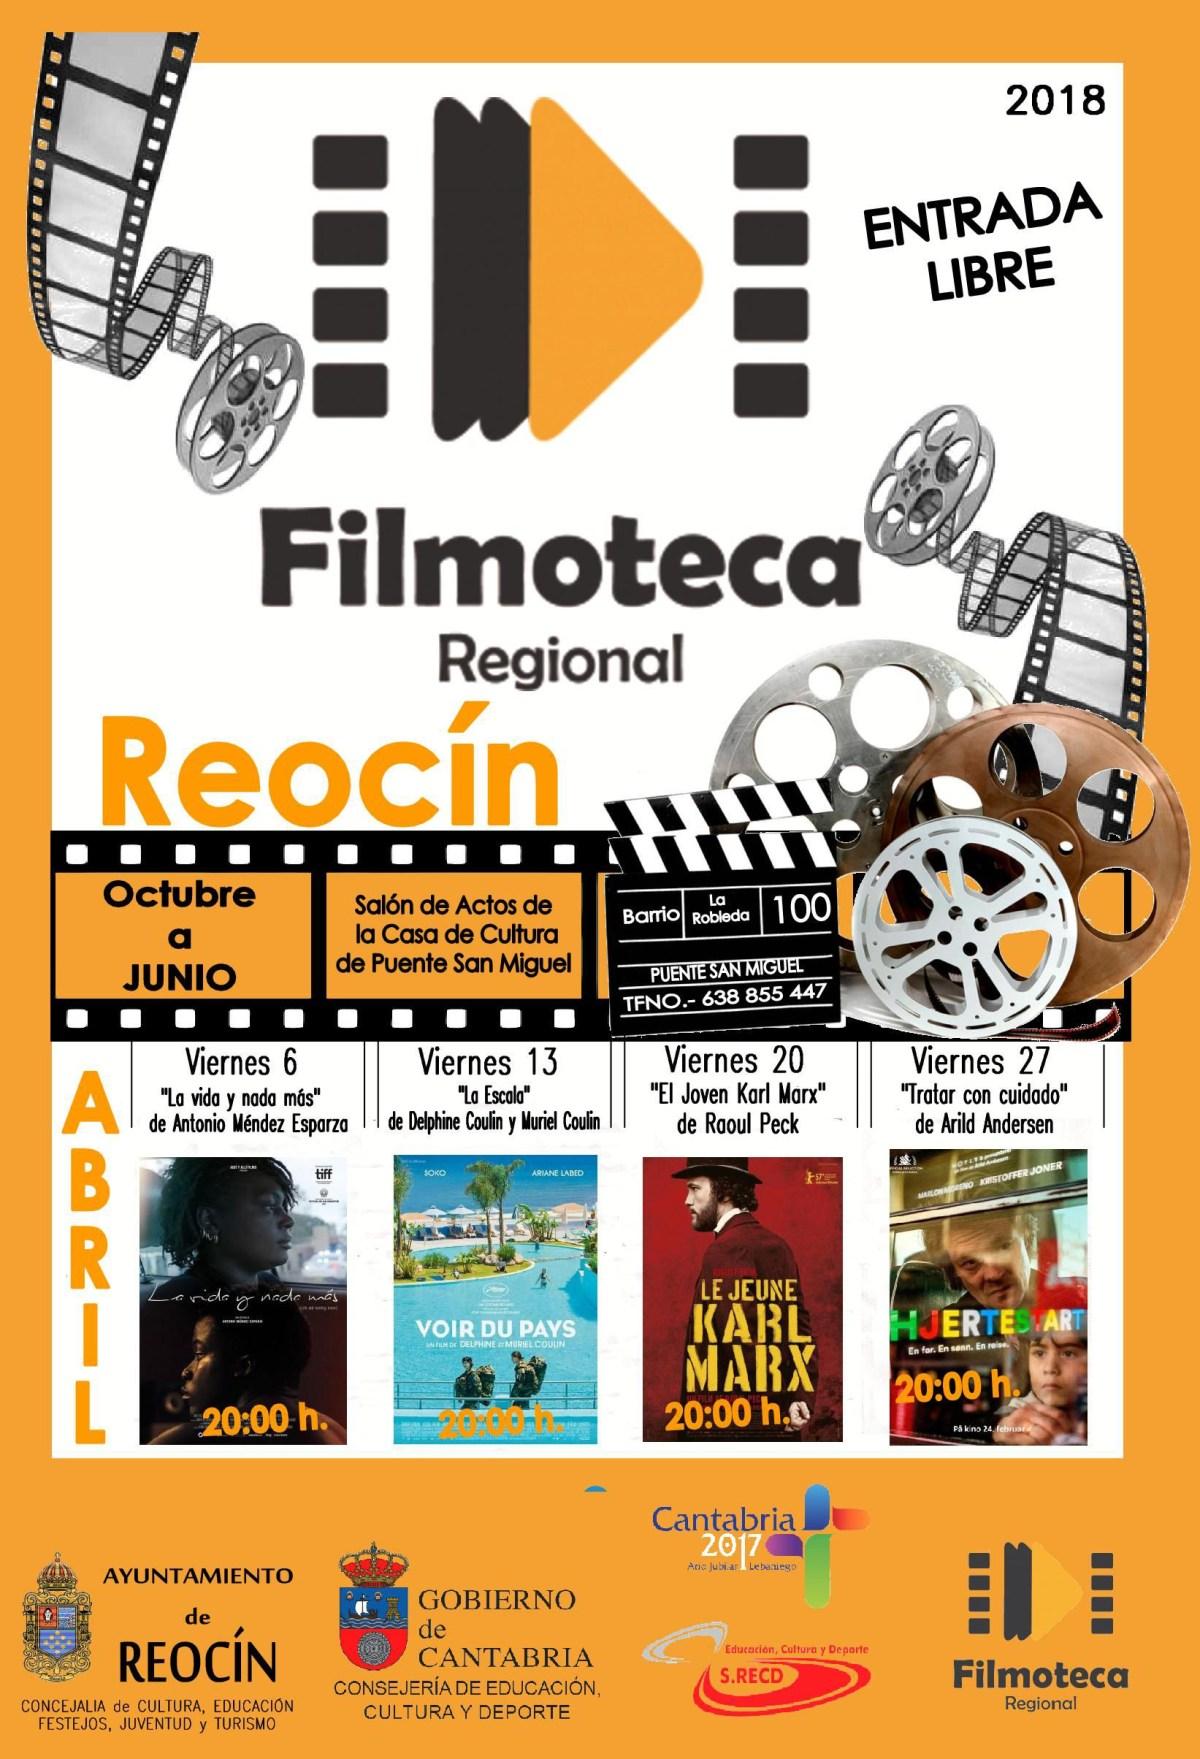 CARTEL PROYECCIÓN FILMOTECA ABRIL 2018